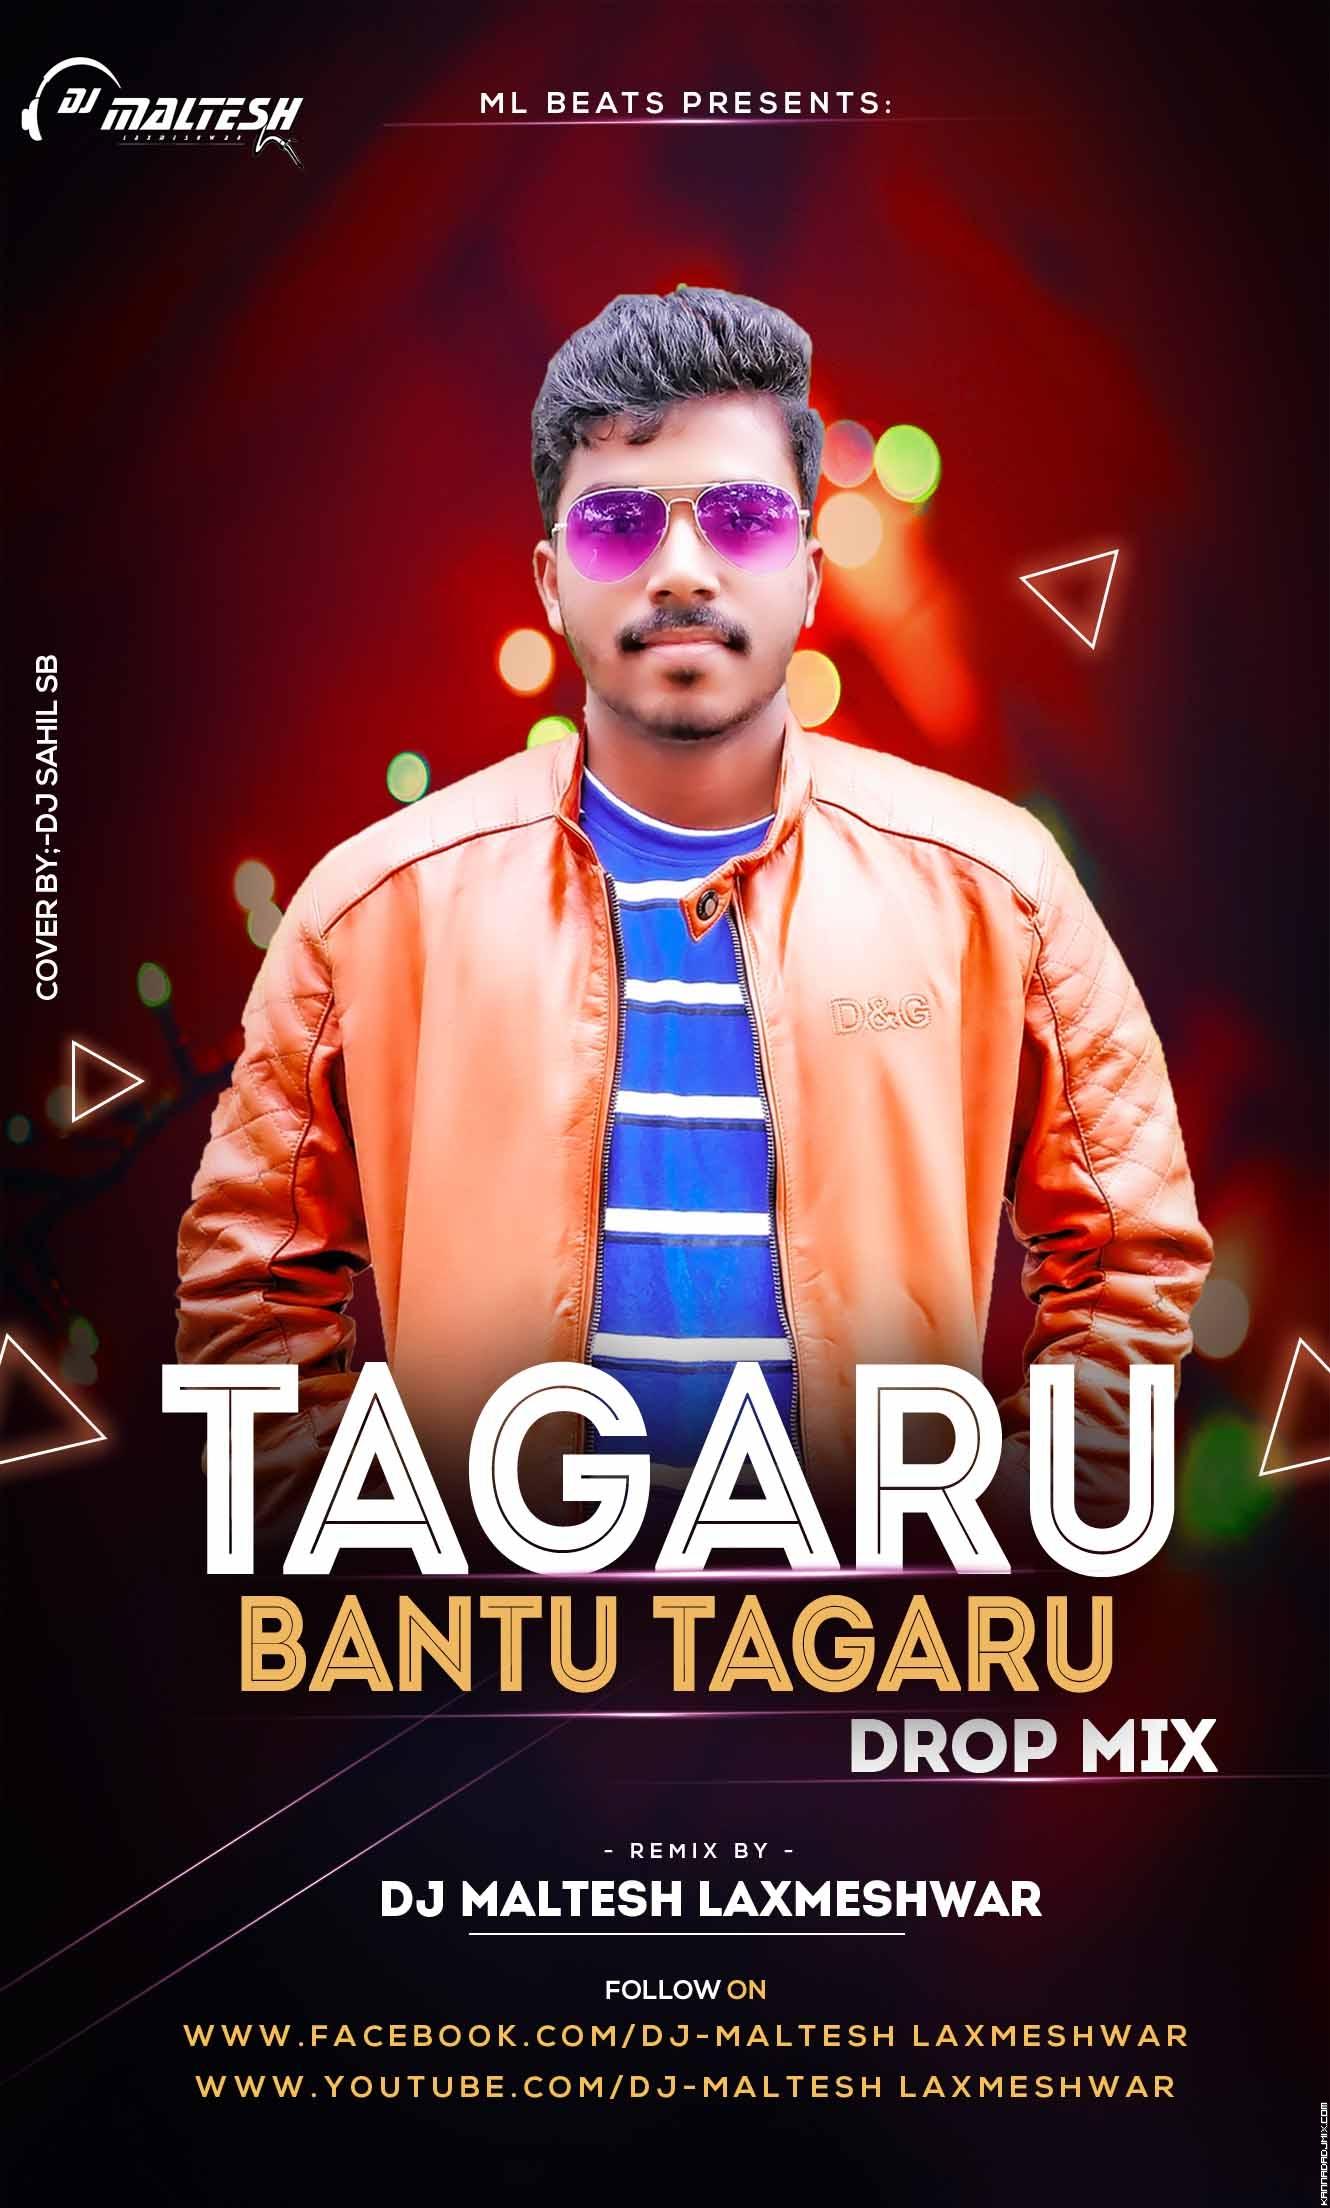 TAGARU-DROP MIX-DJ MALTESH LAXMESHWAR.mp3